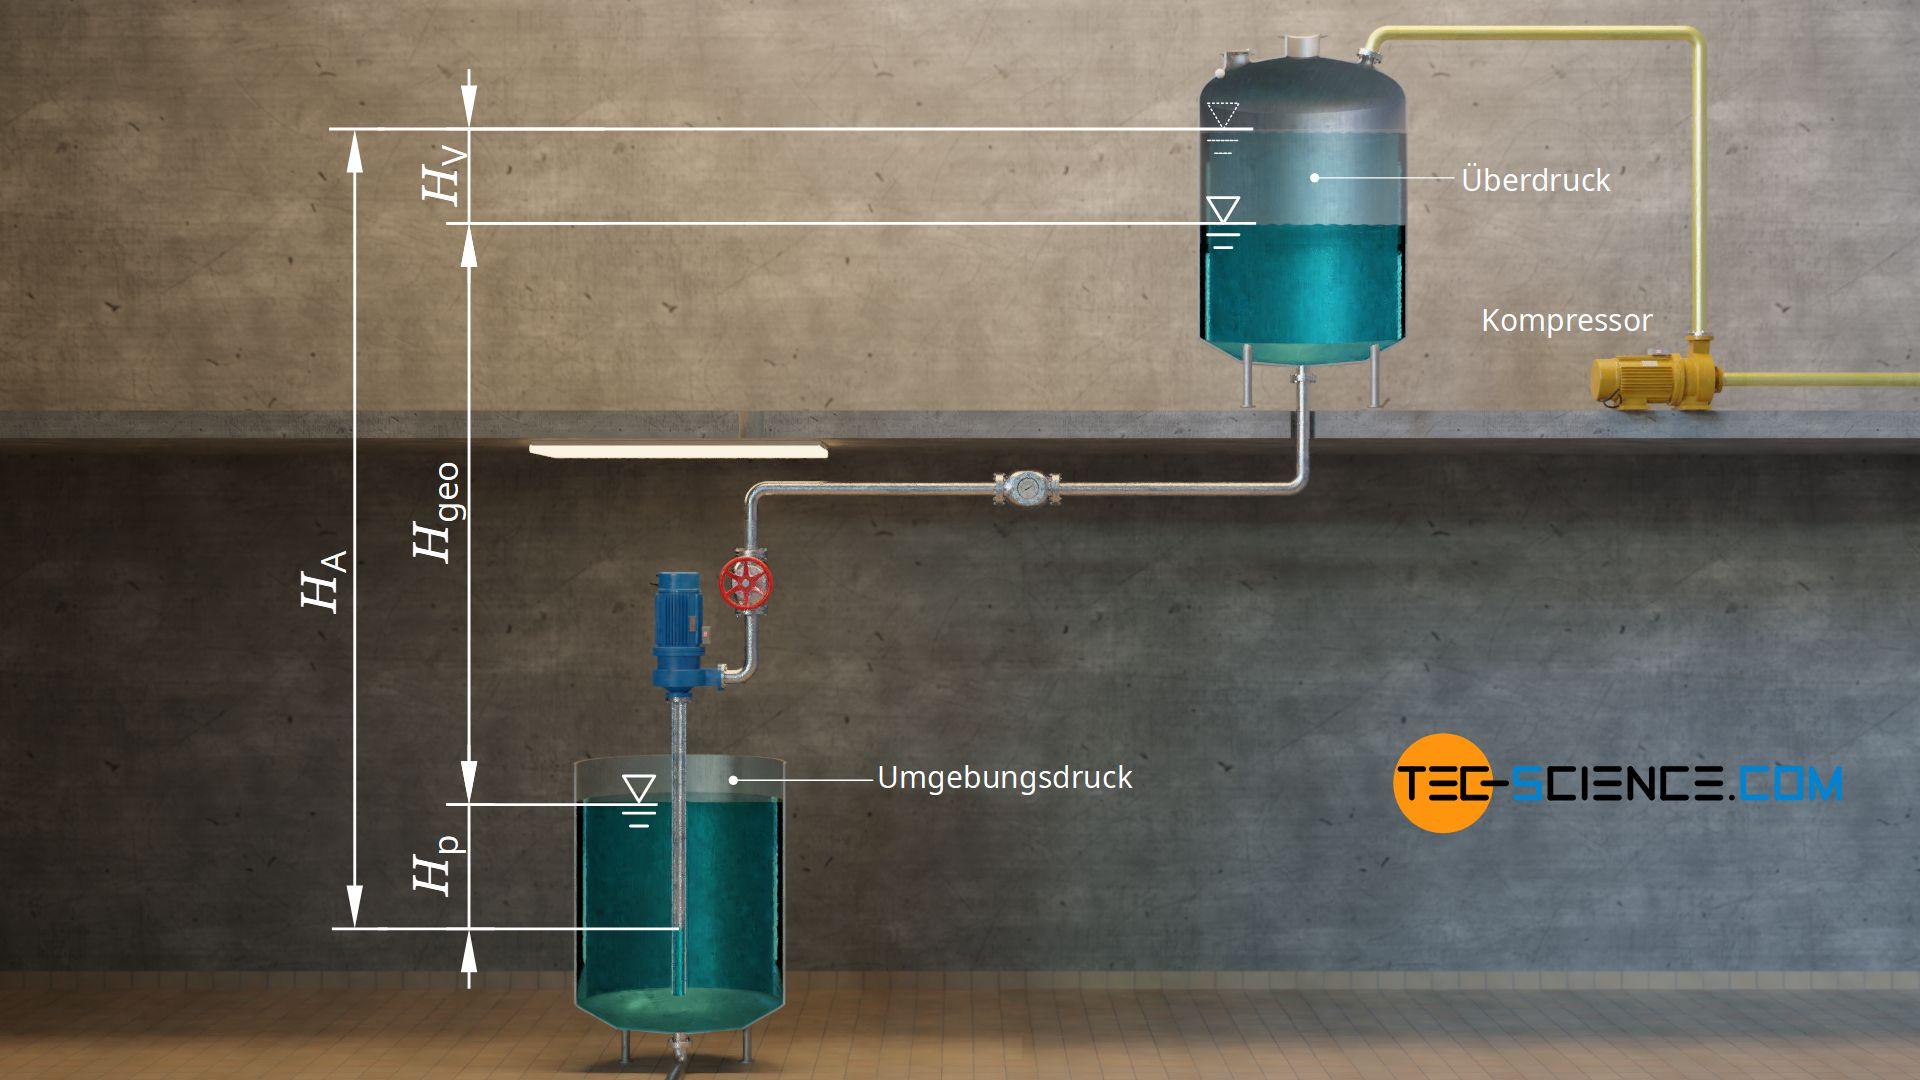 Druckhöhendifferenz bei einem Überdruck im oberen Behälter